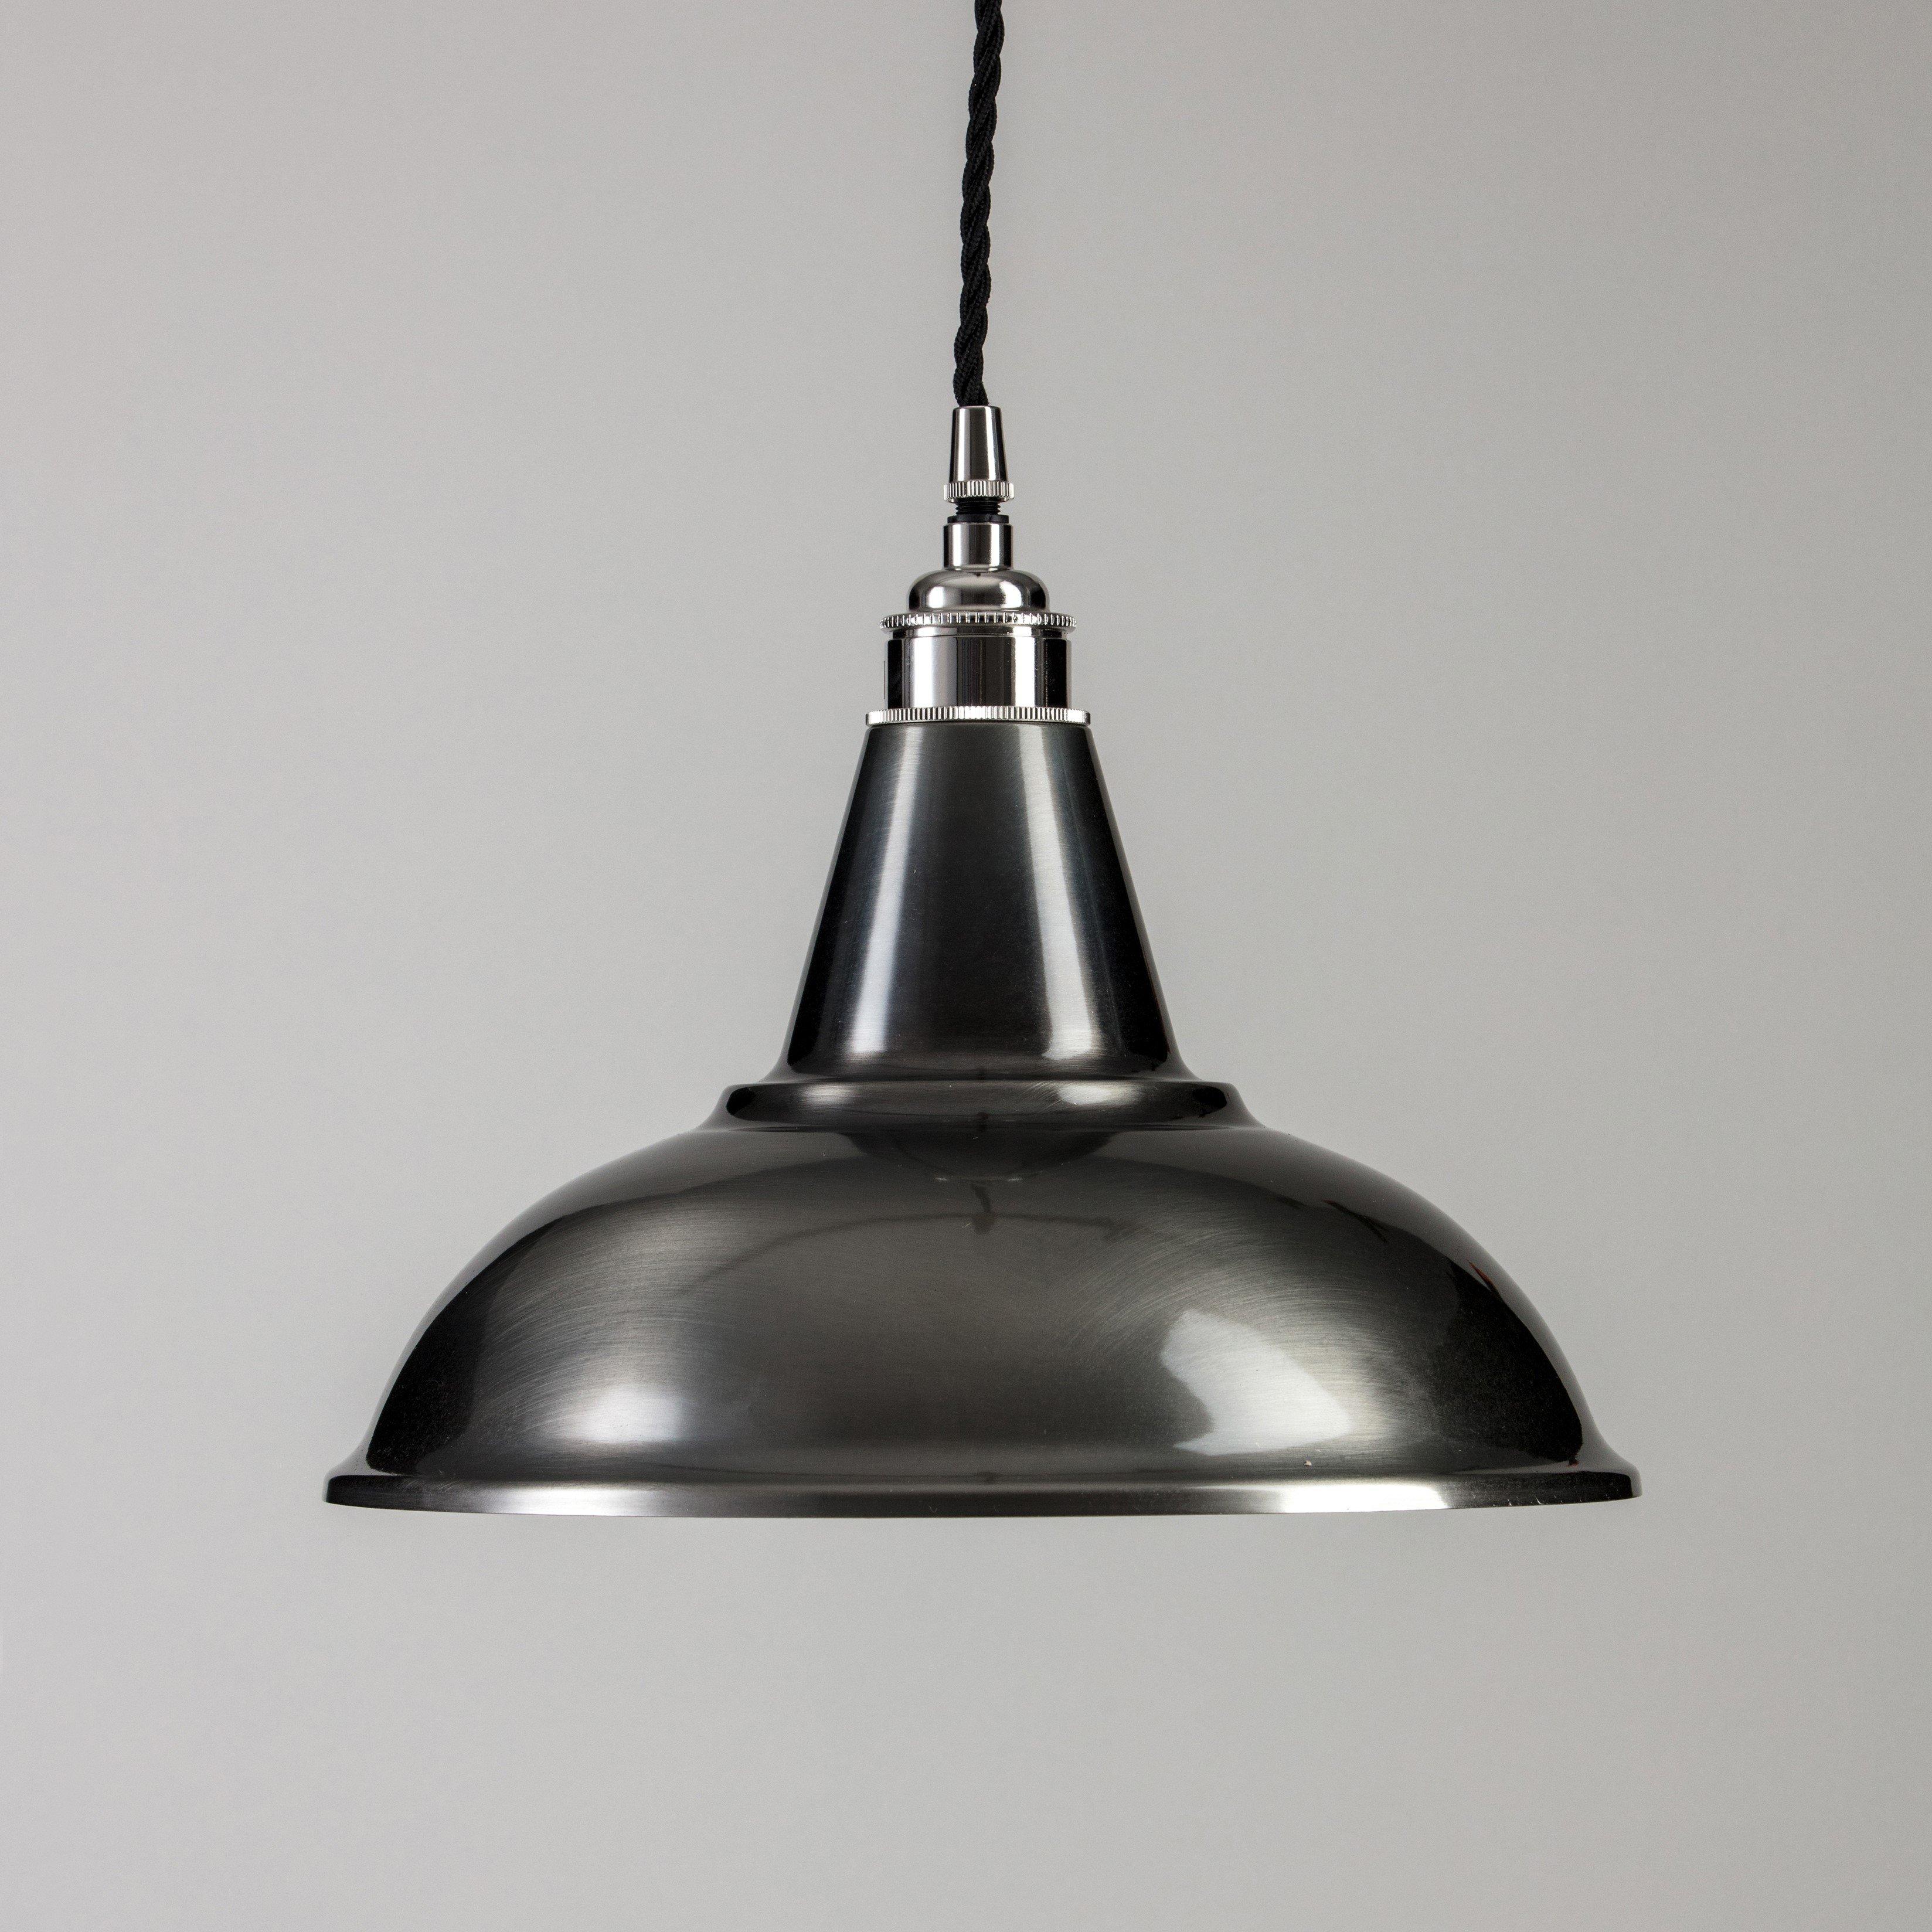 Factory Pendant Light - Antique Silver